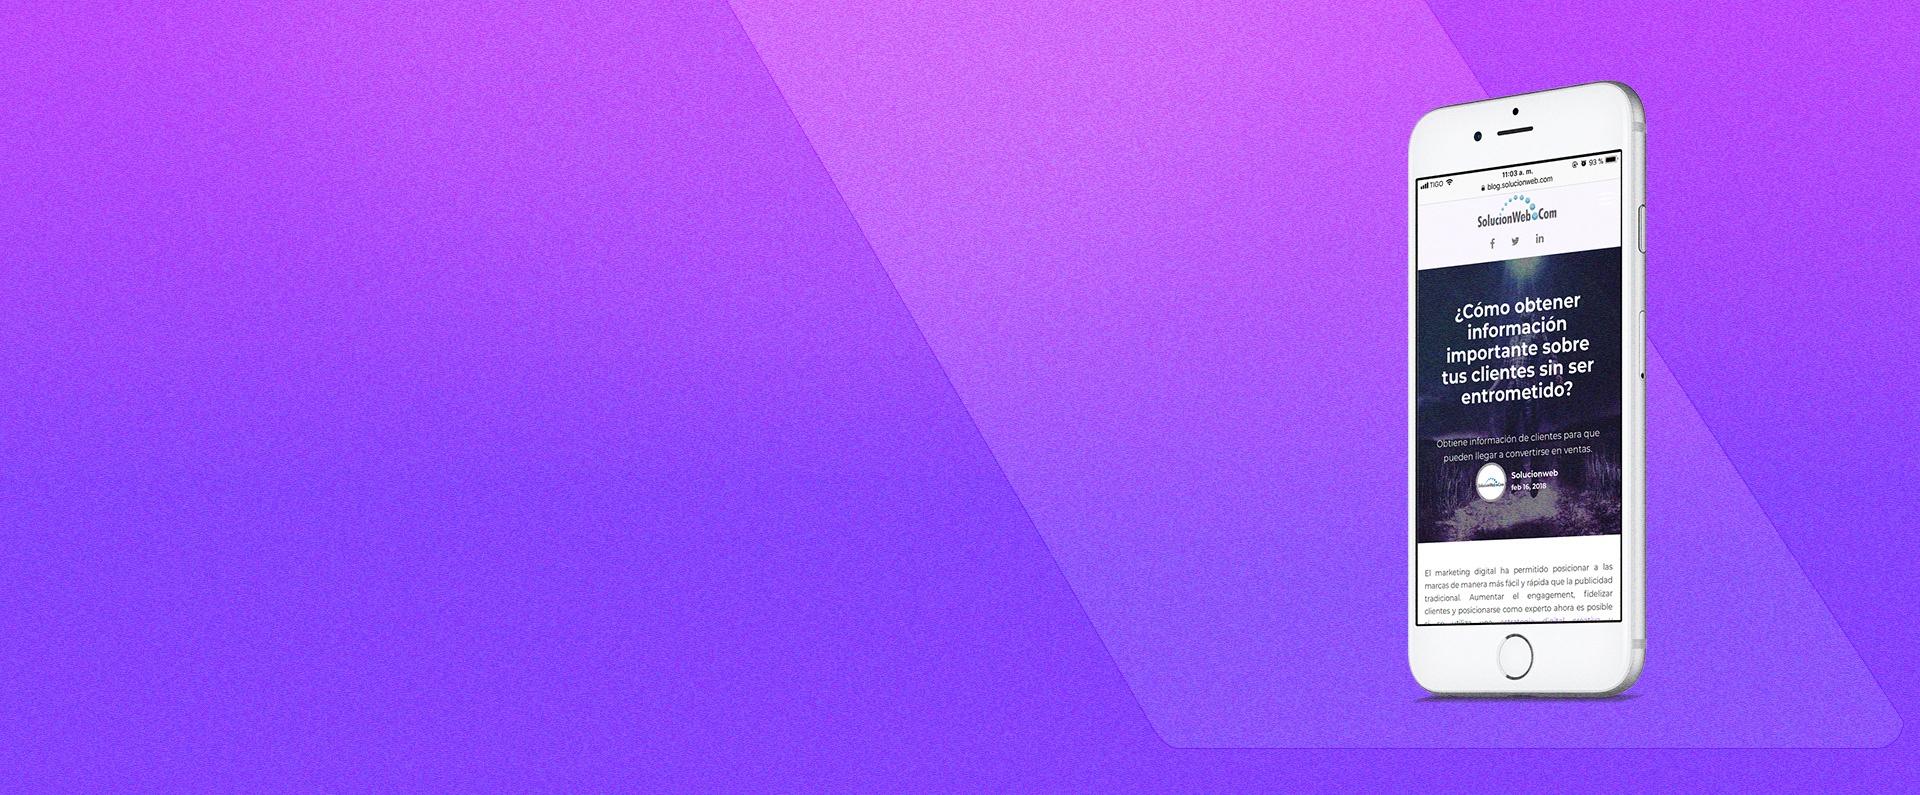 solucionweb-inbound-marketing-la-forma-de-hacer-mas-ventas-pilar-banner-02.jpg